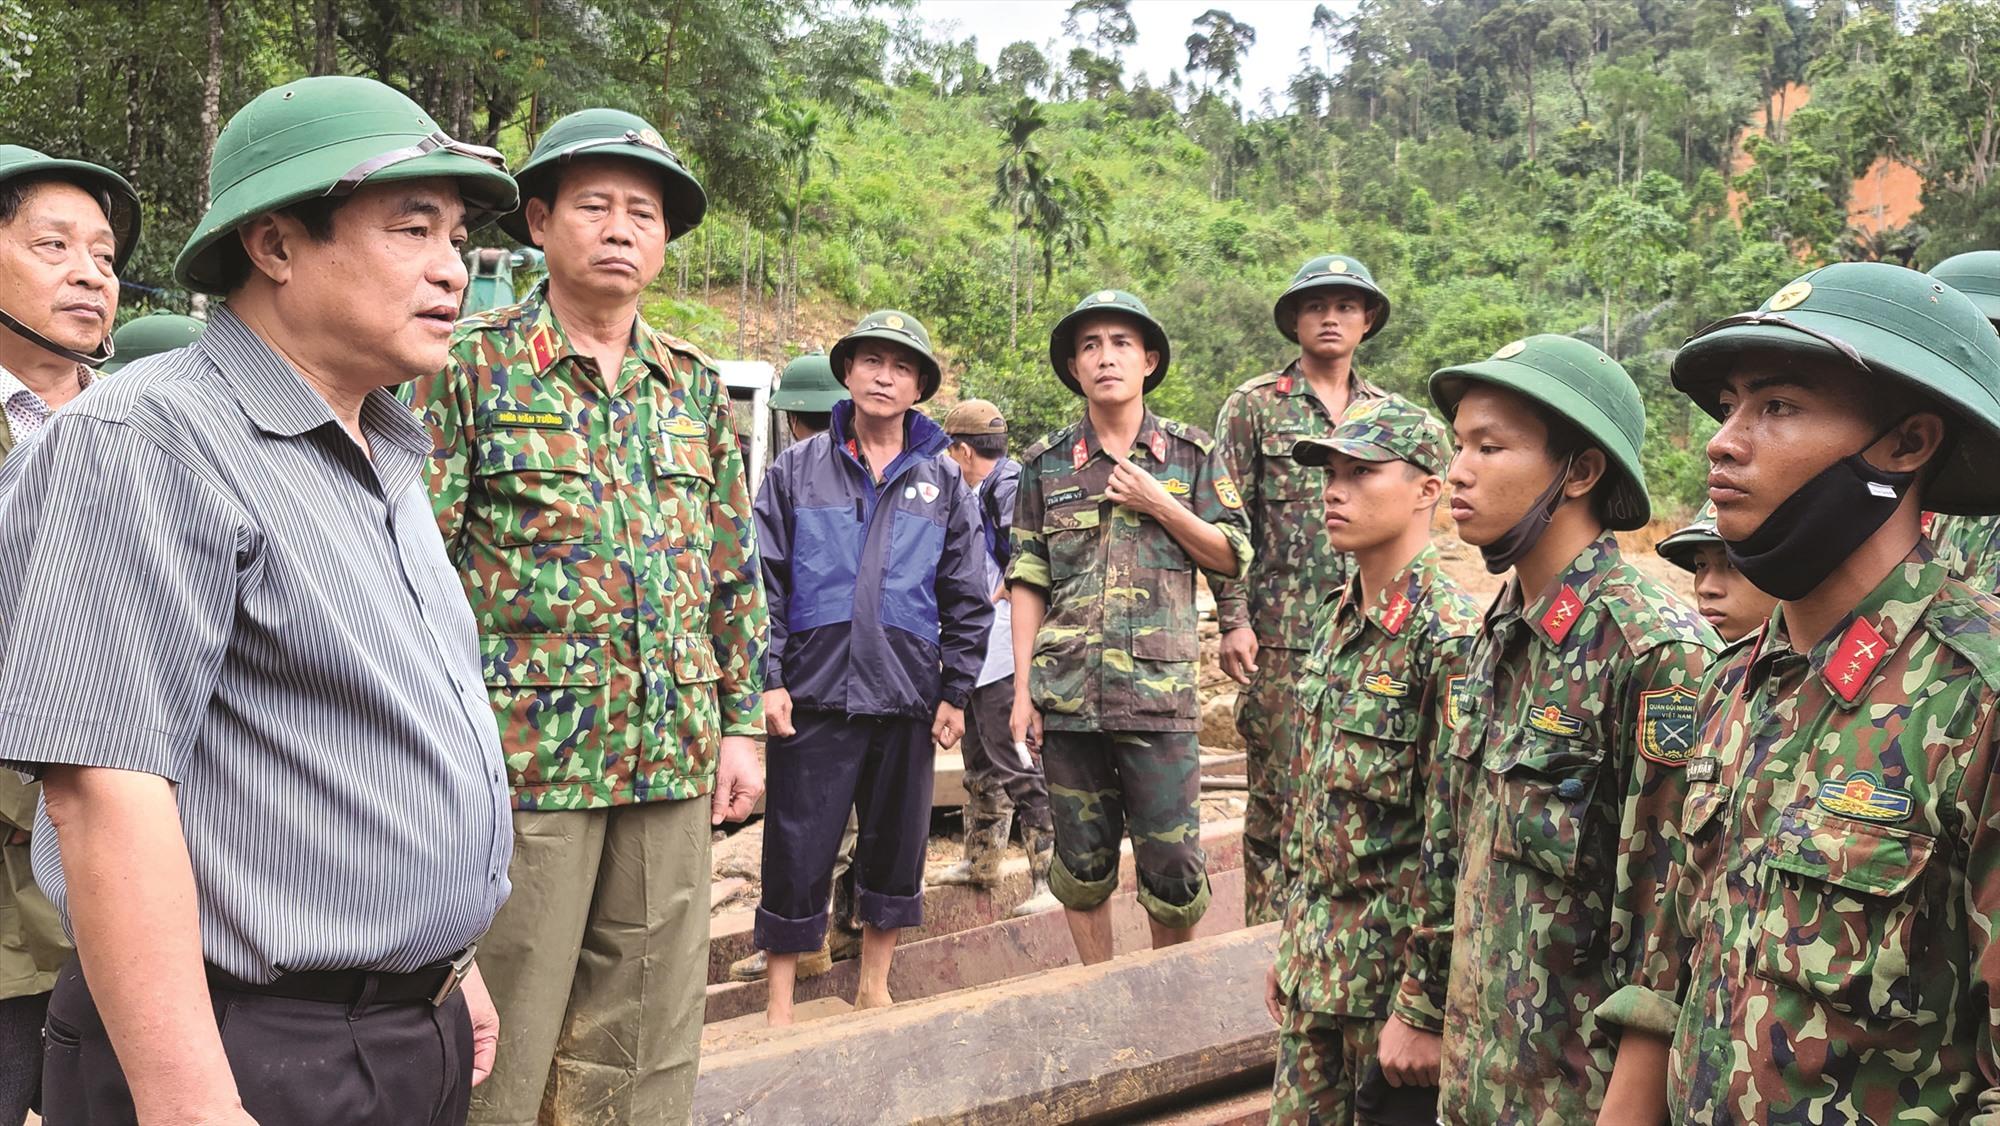 Bí thư Tỉnh ủy Phan Việt Cường có mặt tại hiện trường vụ sạt lở Trà Leng (Nam Trà My), động viên lực lượng cứu hộ cứu nạn. Ảnh: ALĂNG NGƯỚC